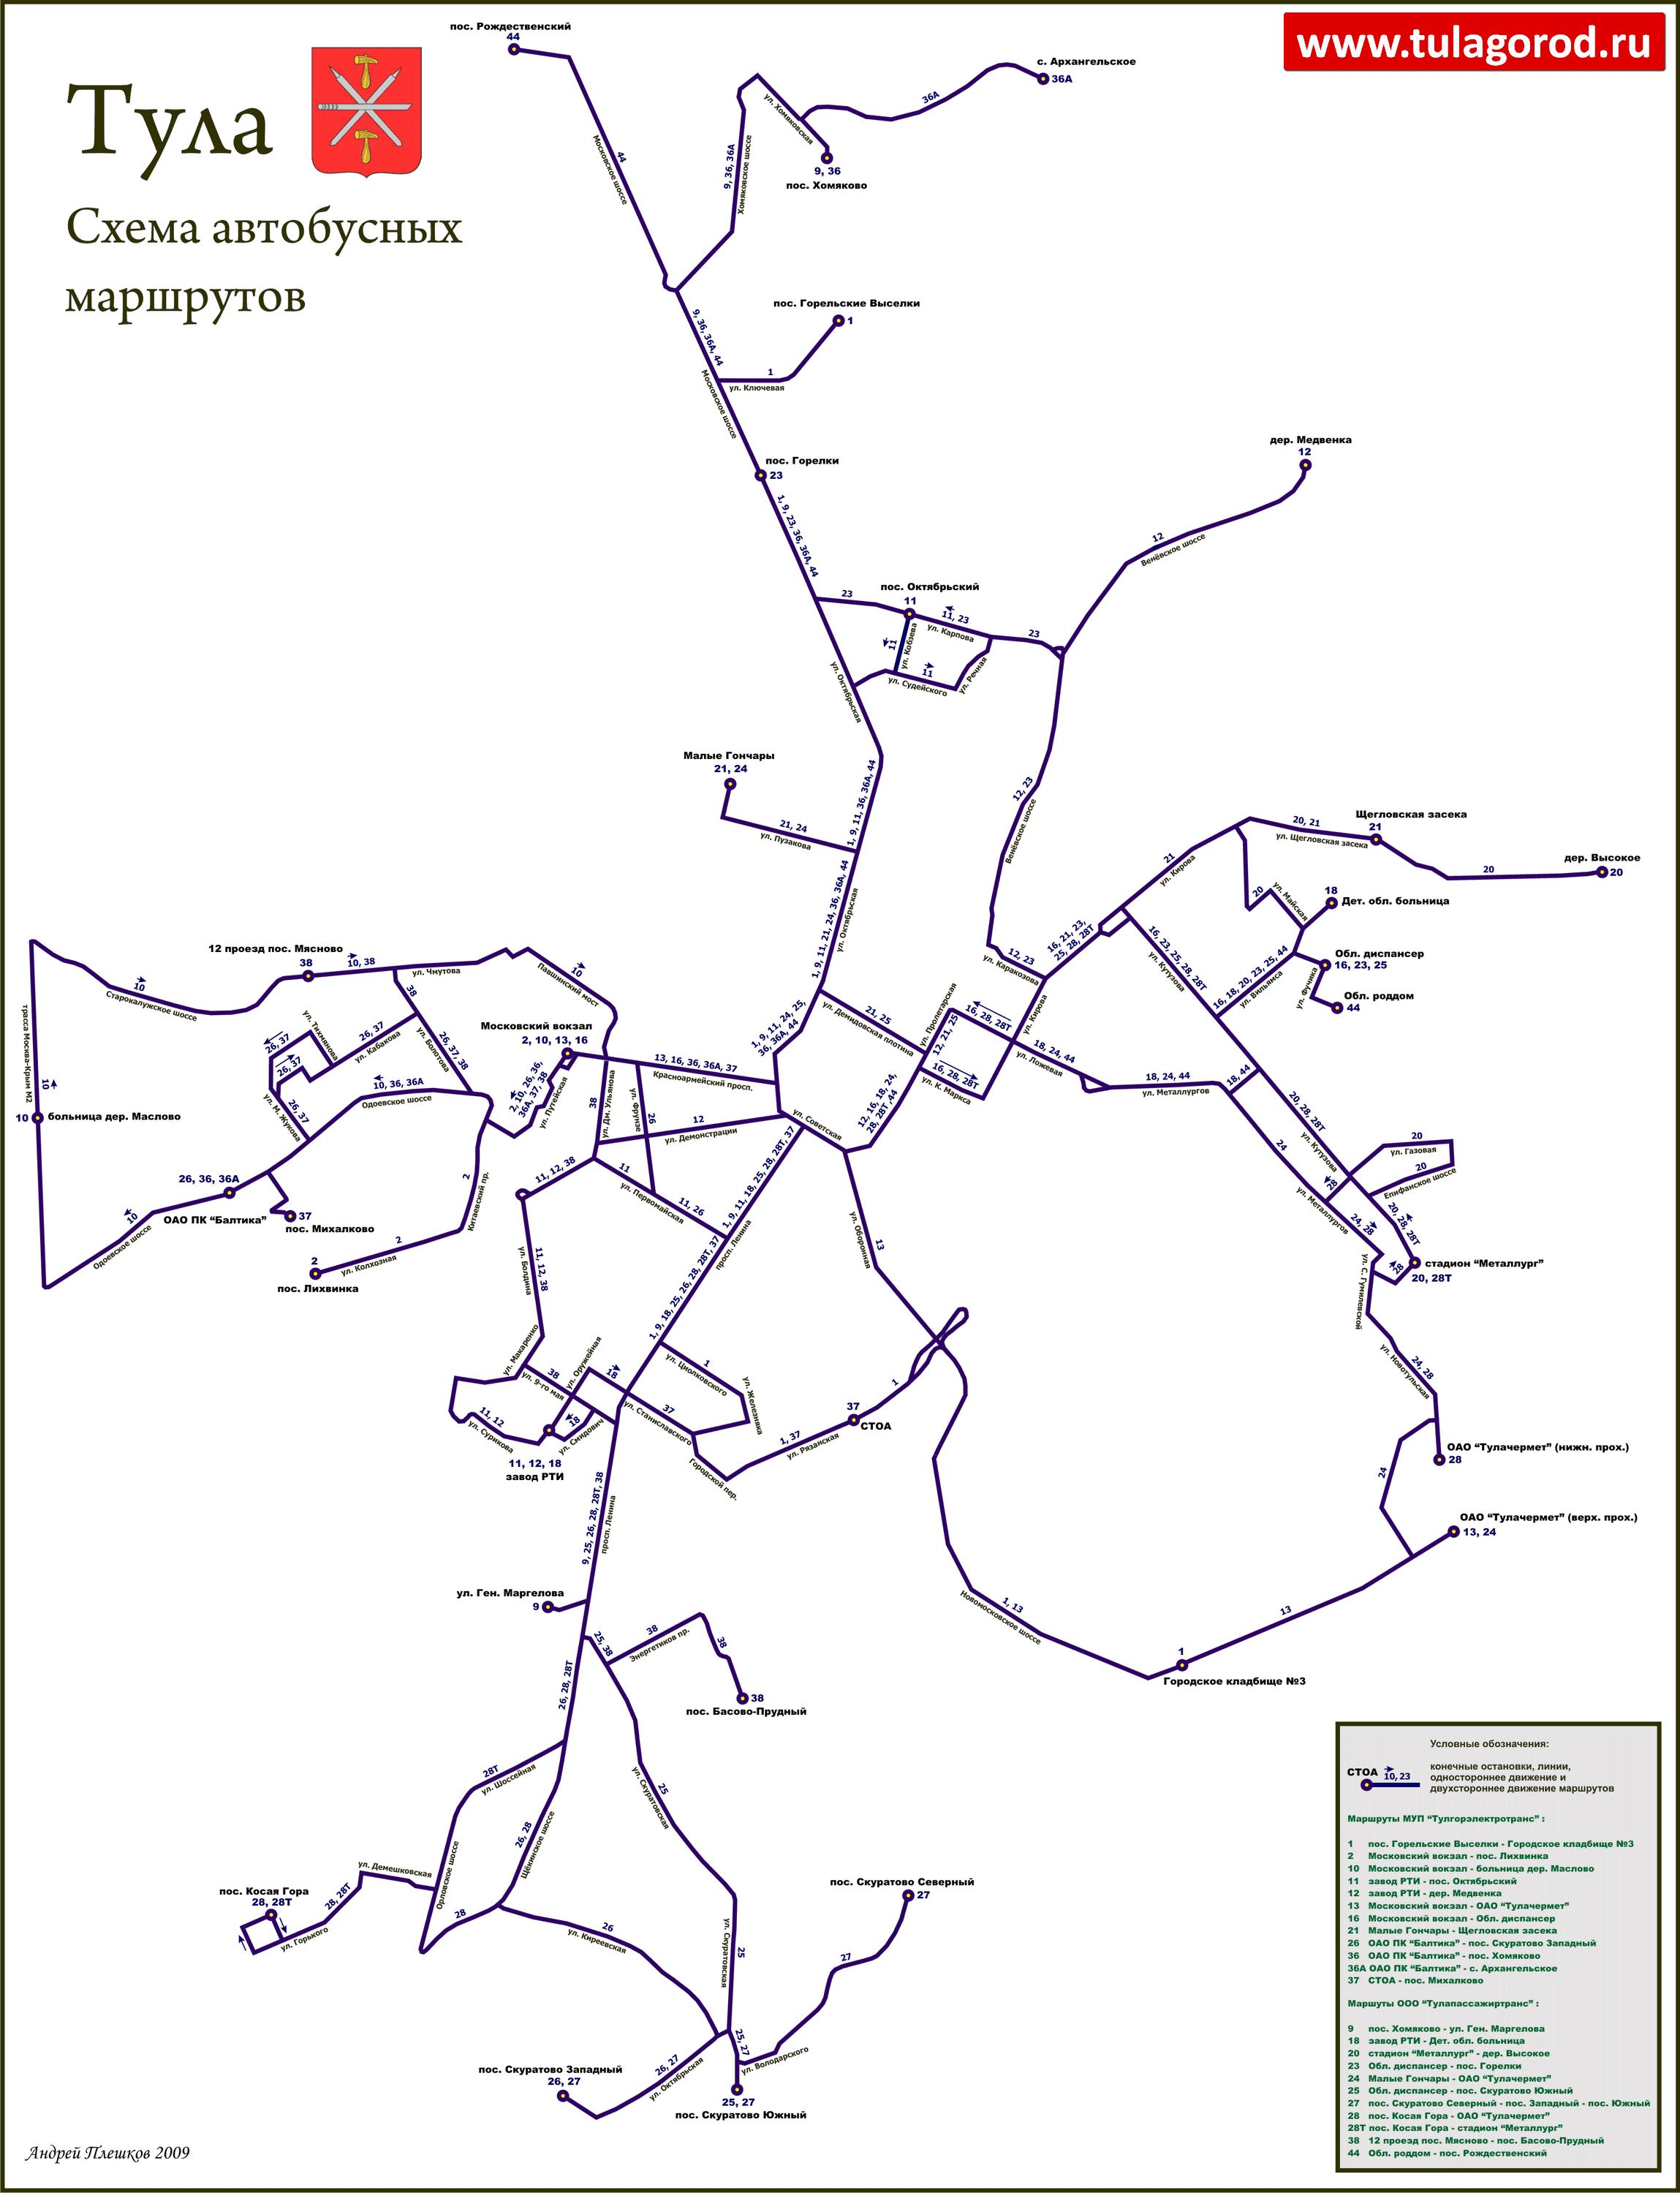 Автор: Гость.  Схема автобусных маршруто.  Просмотров: 812.